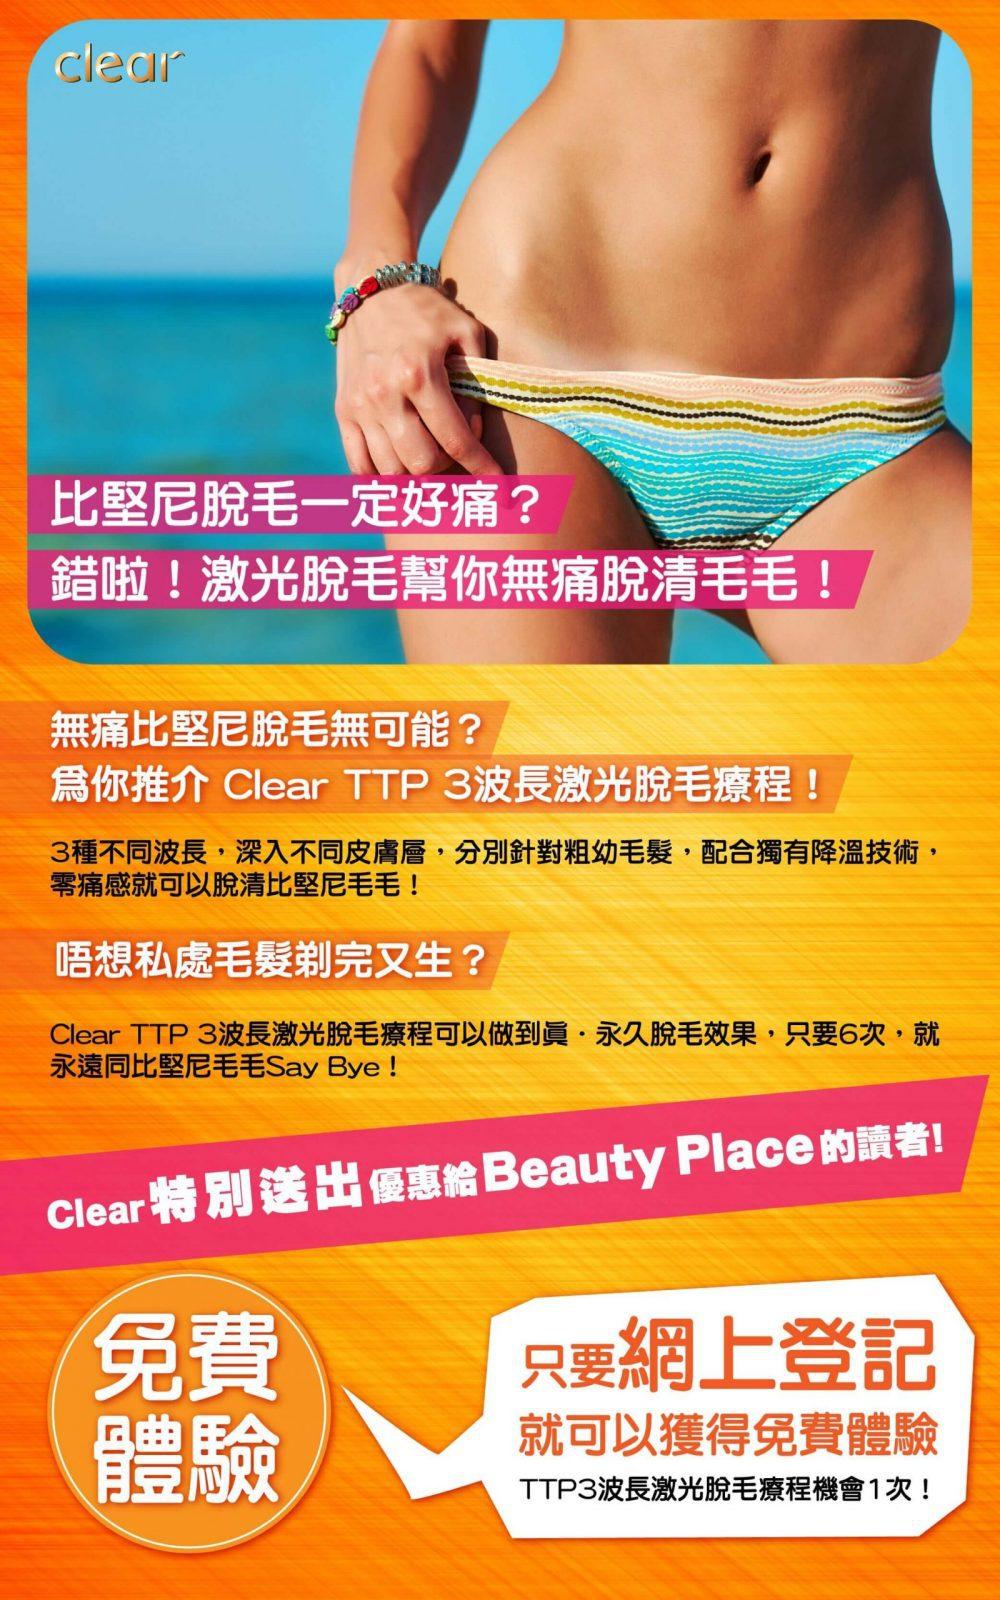 立即网上登记:免费体验 Clear Hair TTP 3波长激光脱毛疗程